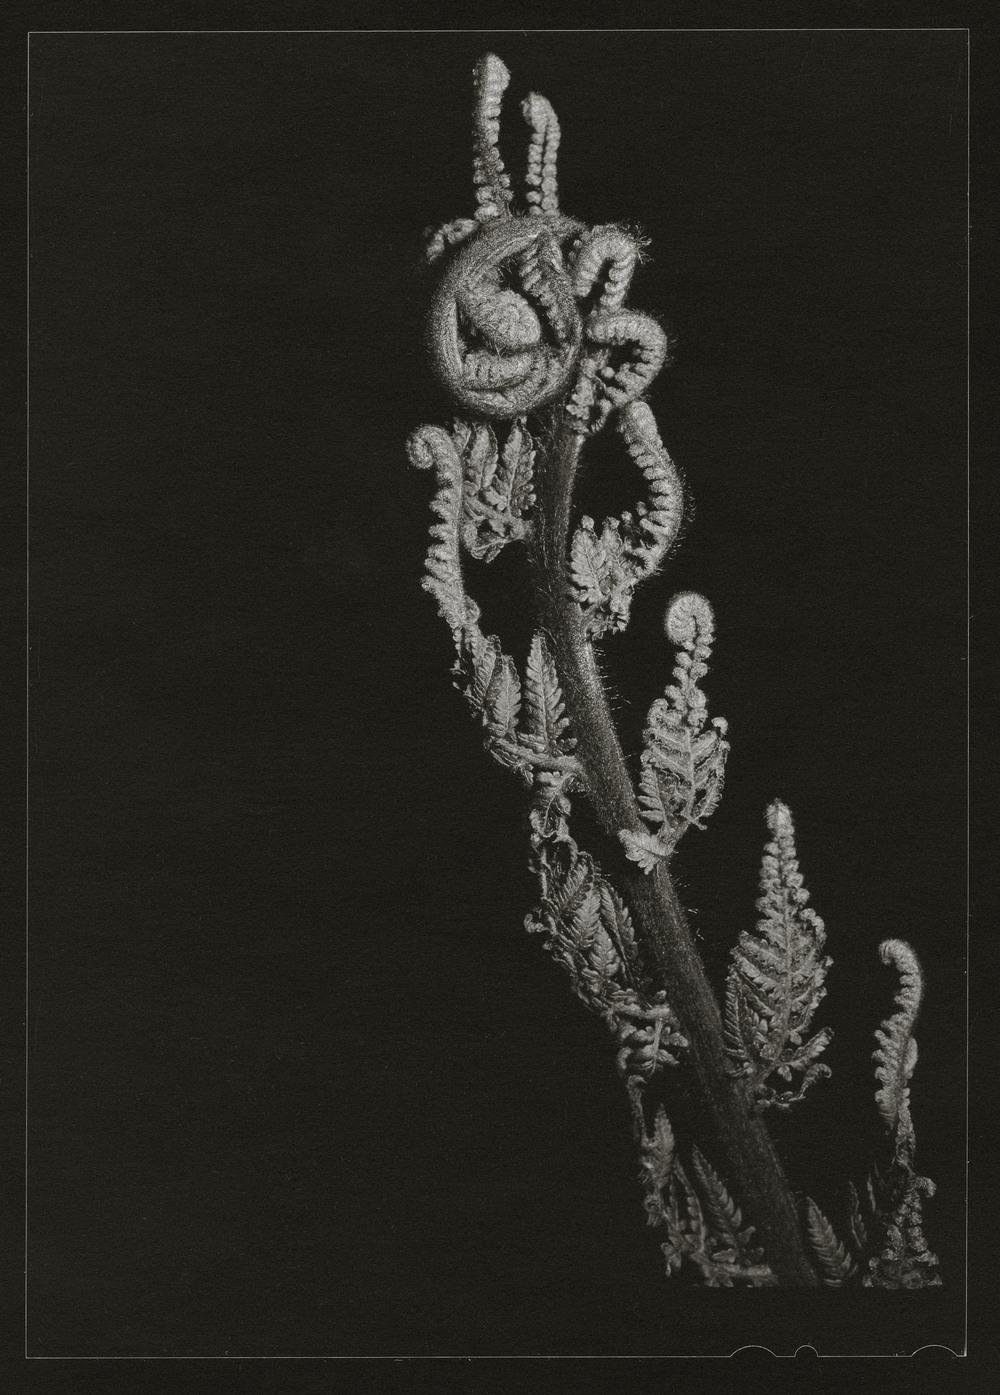 Lace Fern